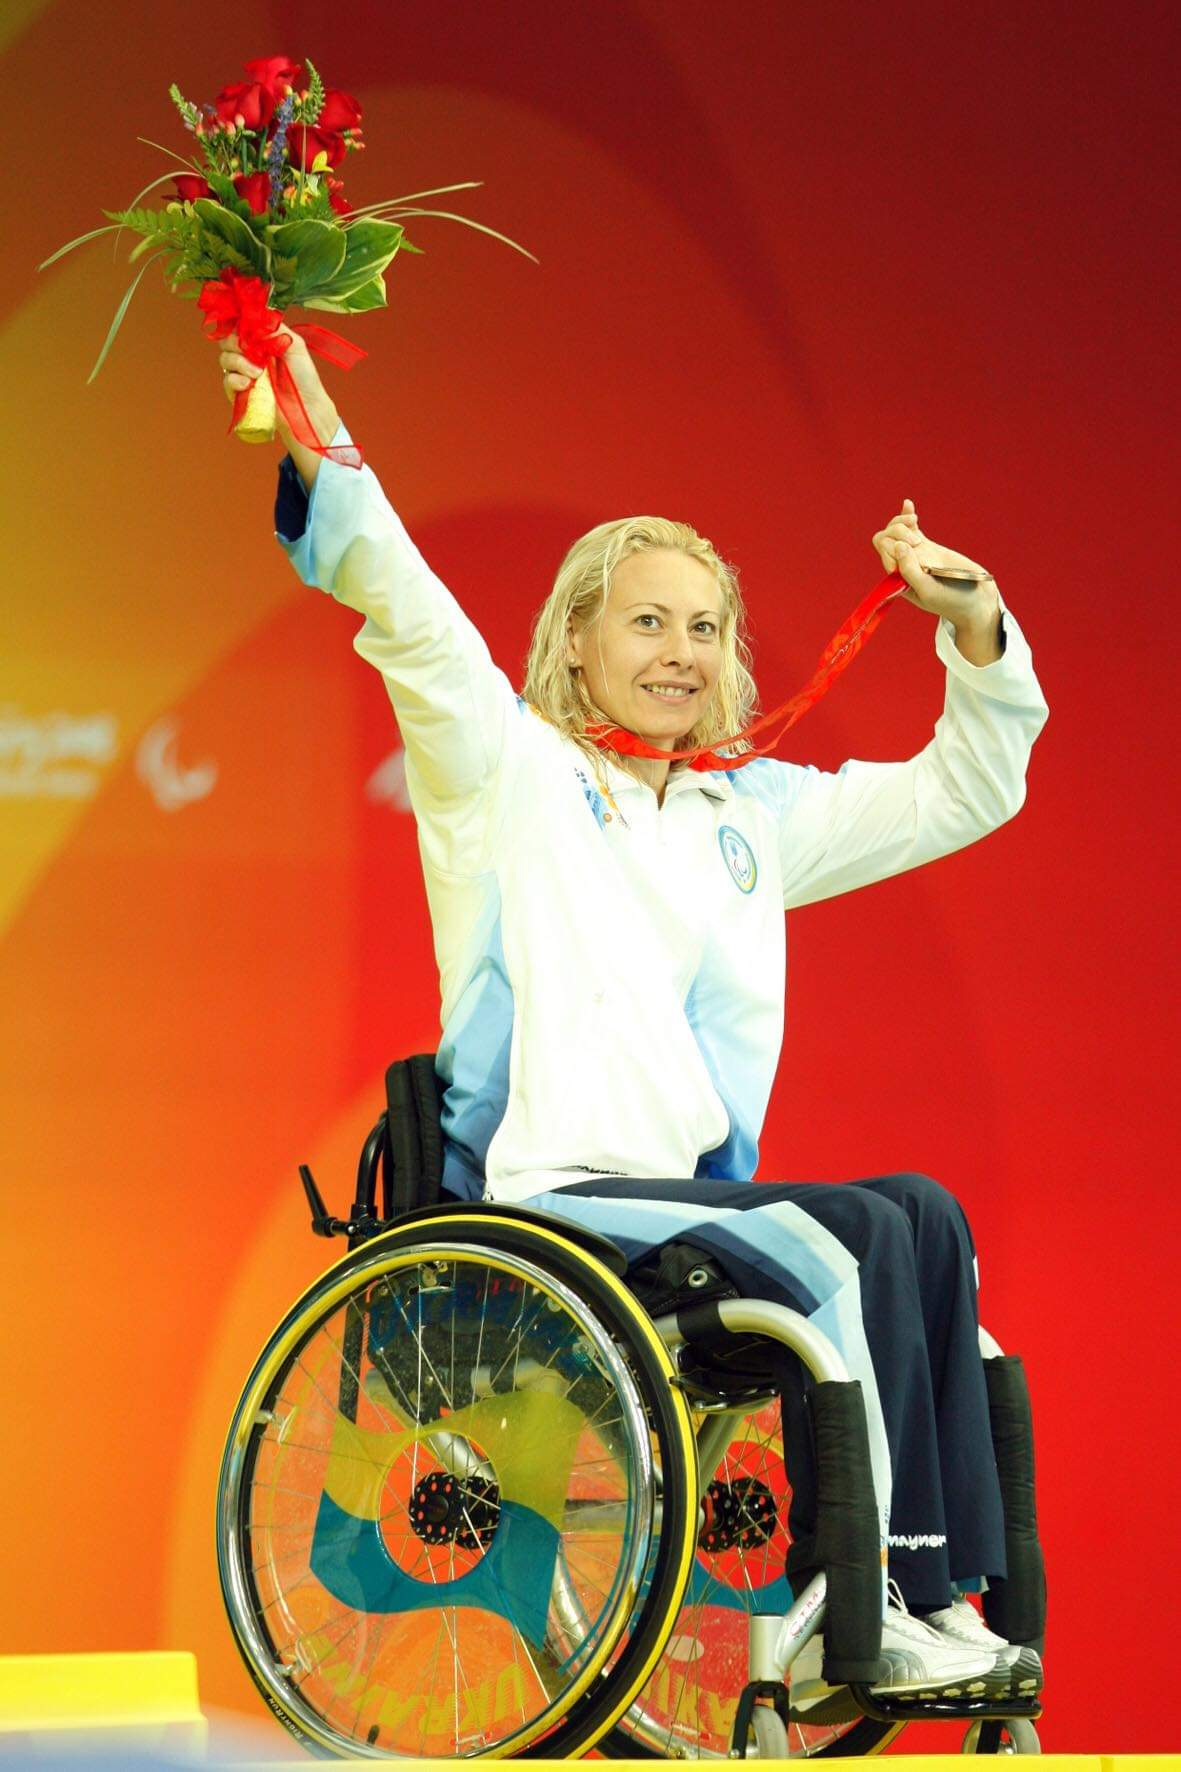 akopian - <b>Необмежені можливості.</b> Як українським паралімпійцям удається перемагати в спорті та житті - Заборона